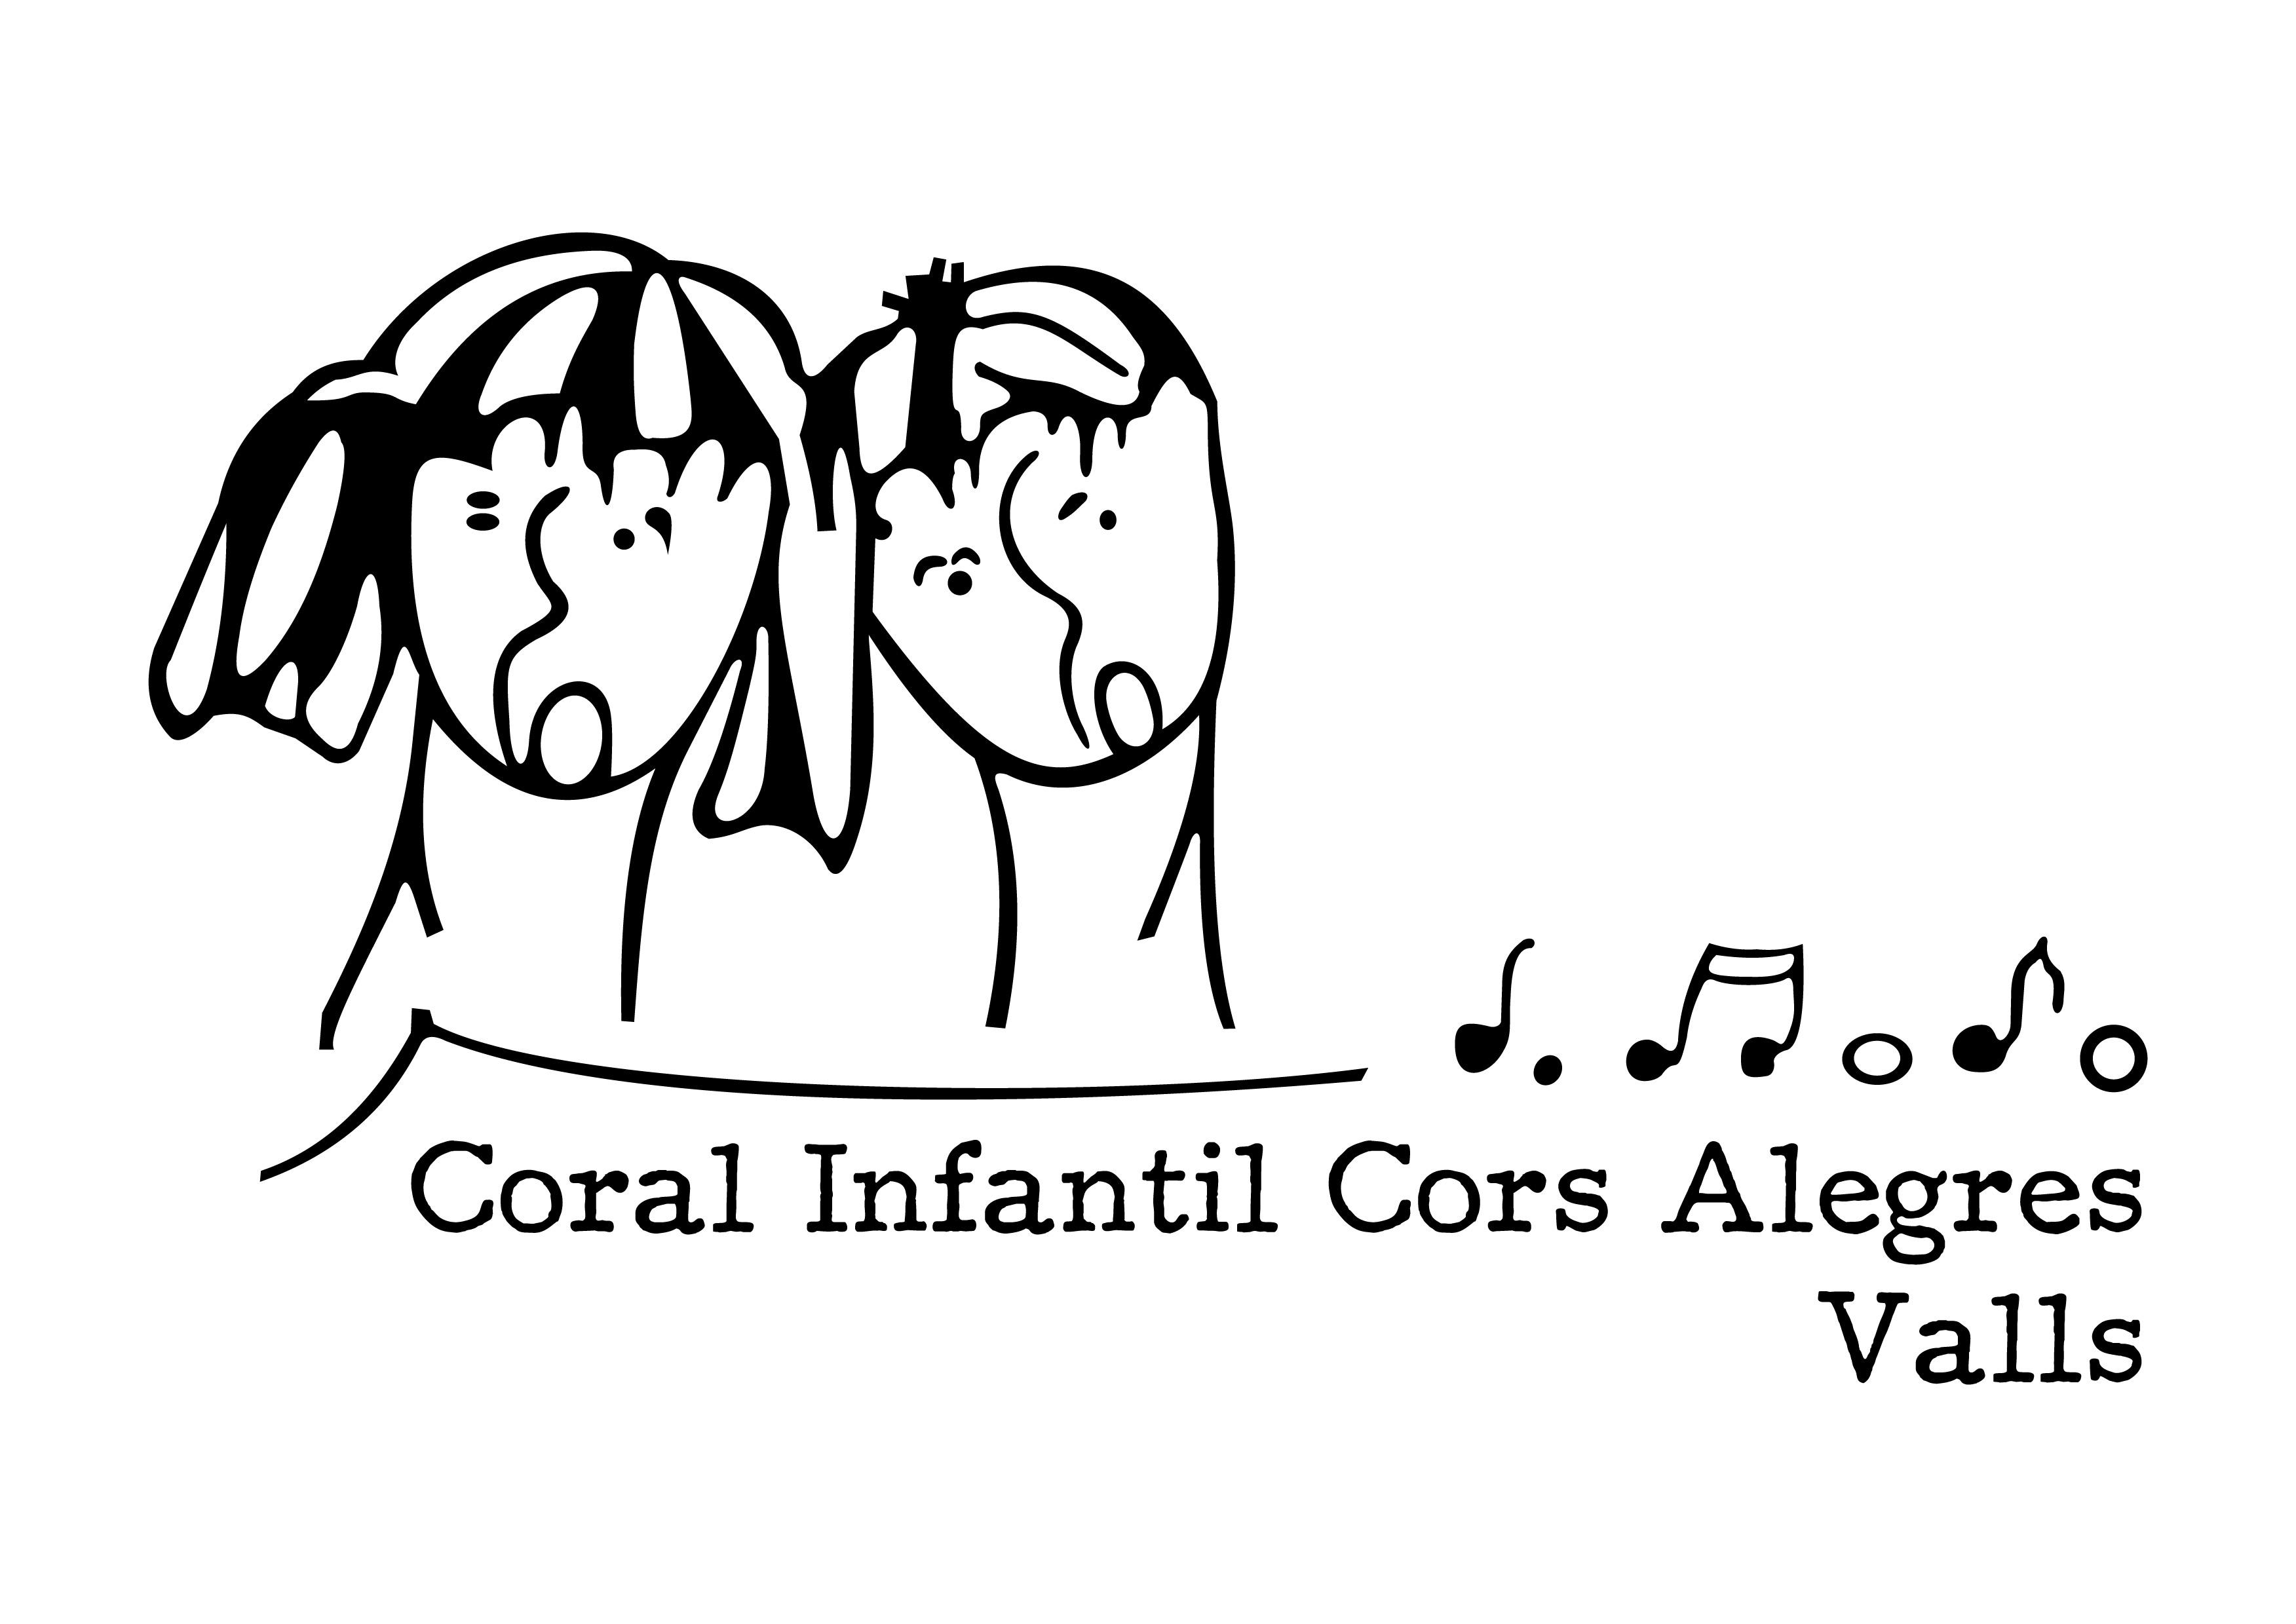 Coral Infantil Cors Alegres